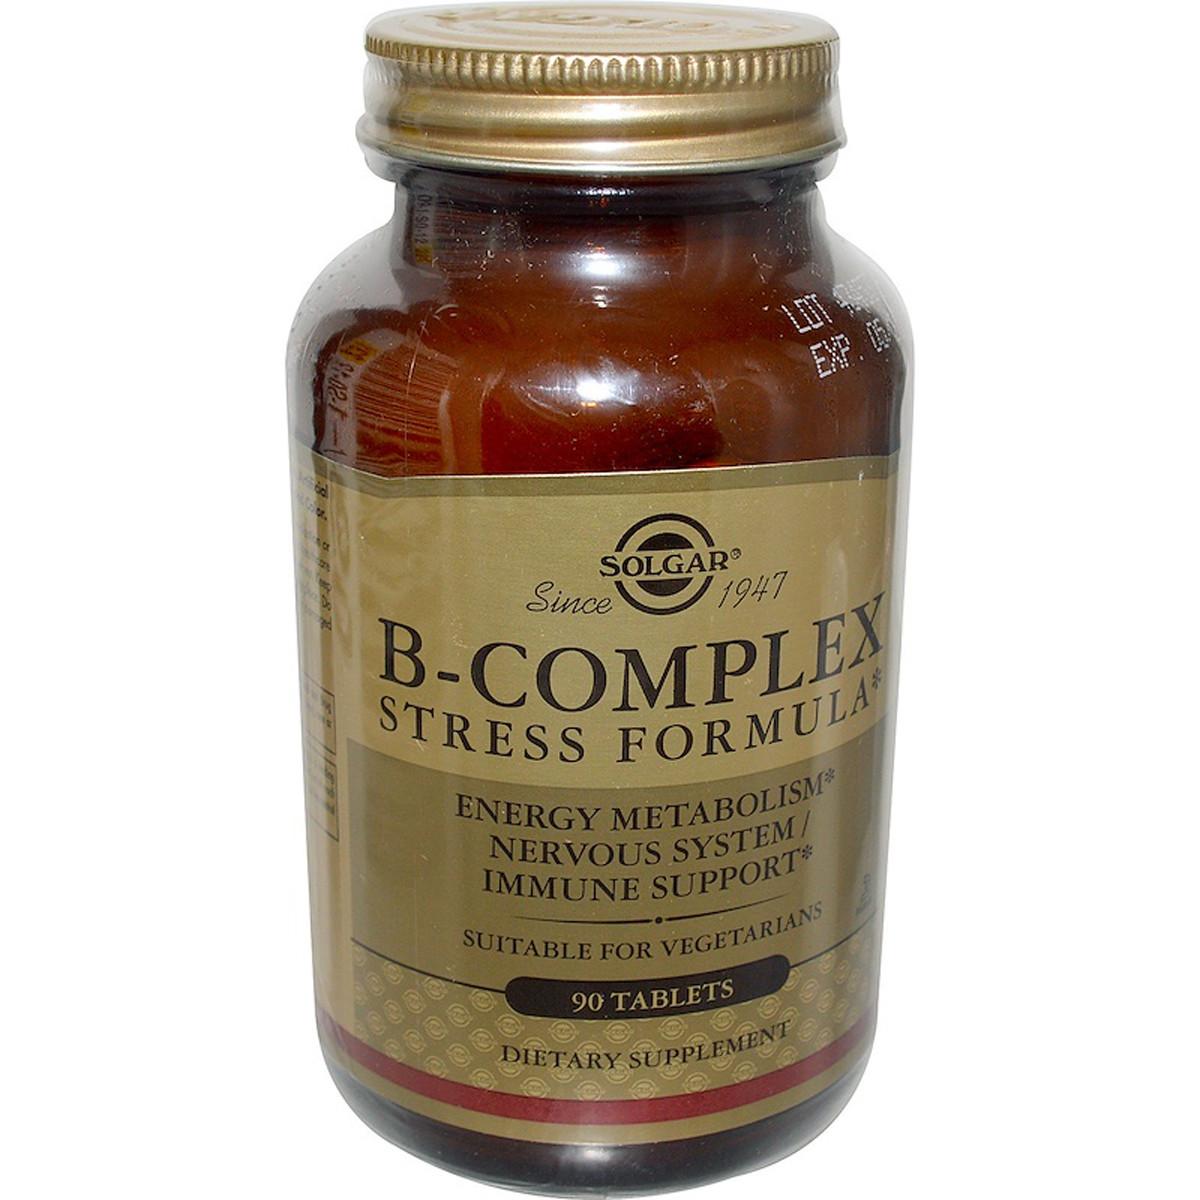 B-Комплекс от Стресса, B-Complex Stress Formula, Solgar, 90 таблеток